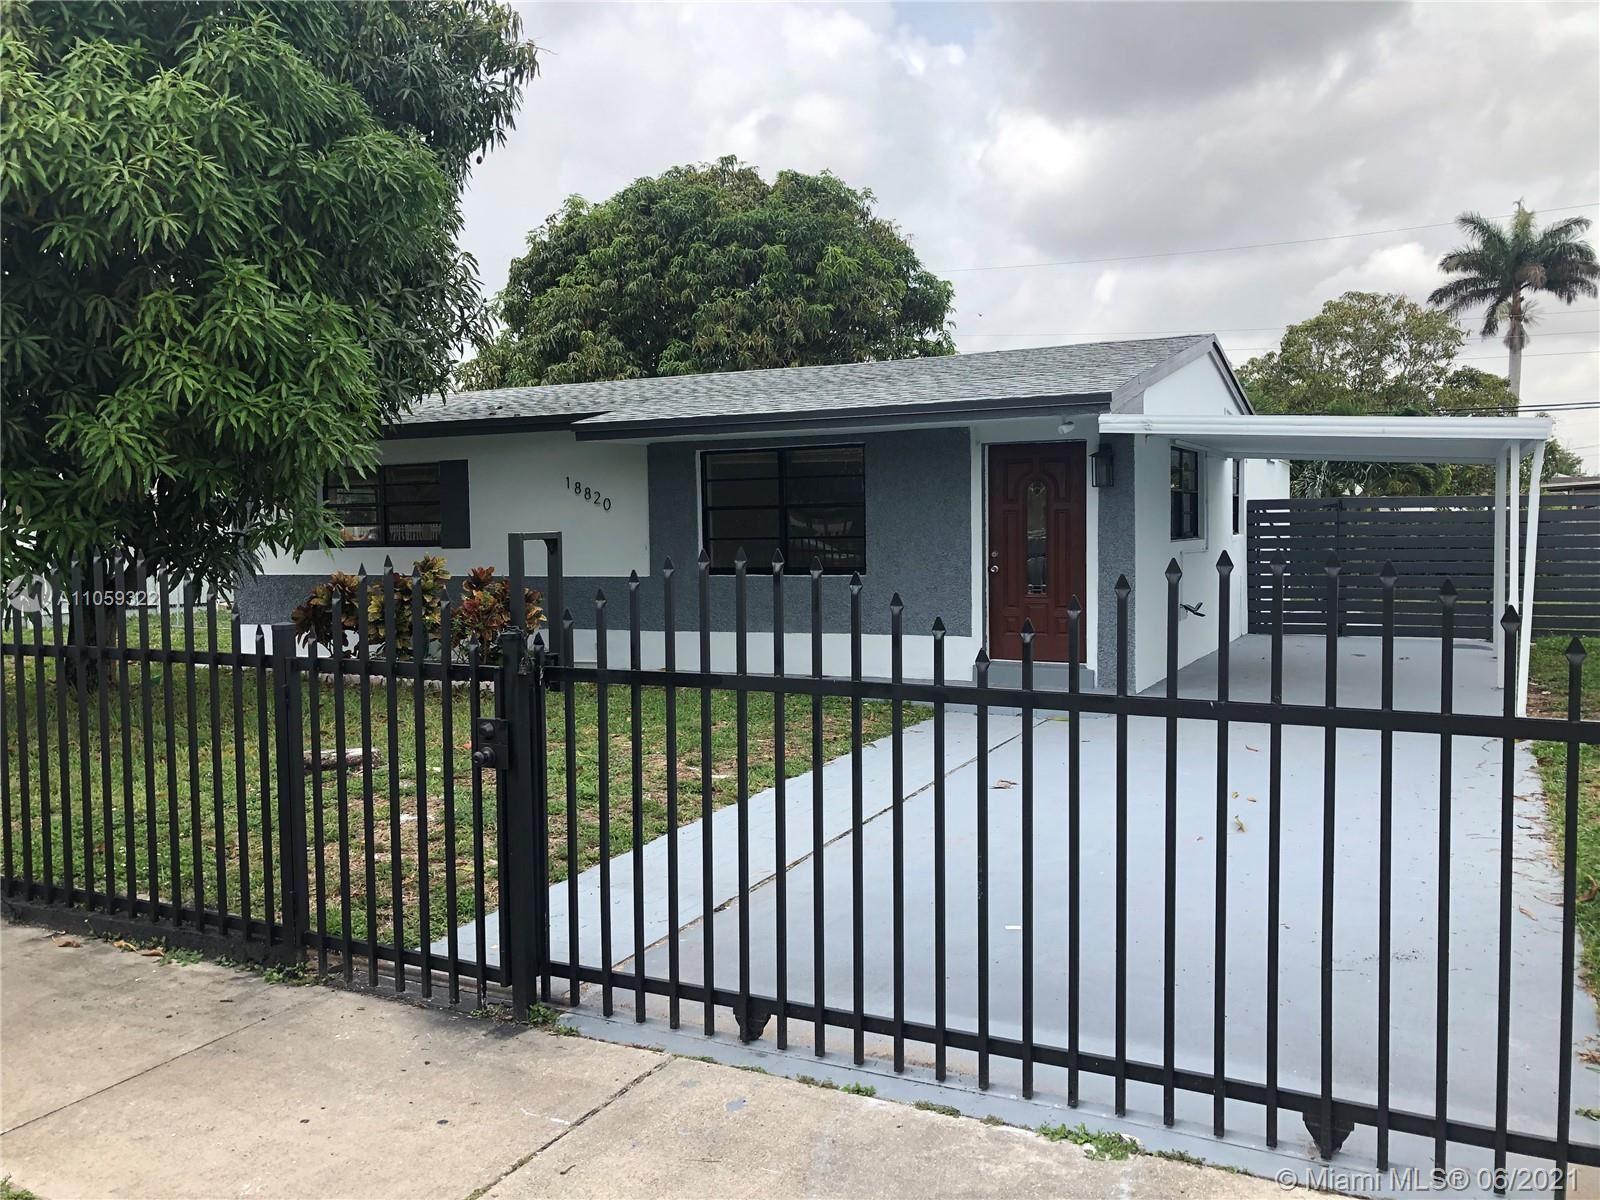 18820 NW 44th Ave, Miami Gardens, FL 33055 - #: A11059322